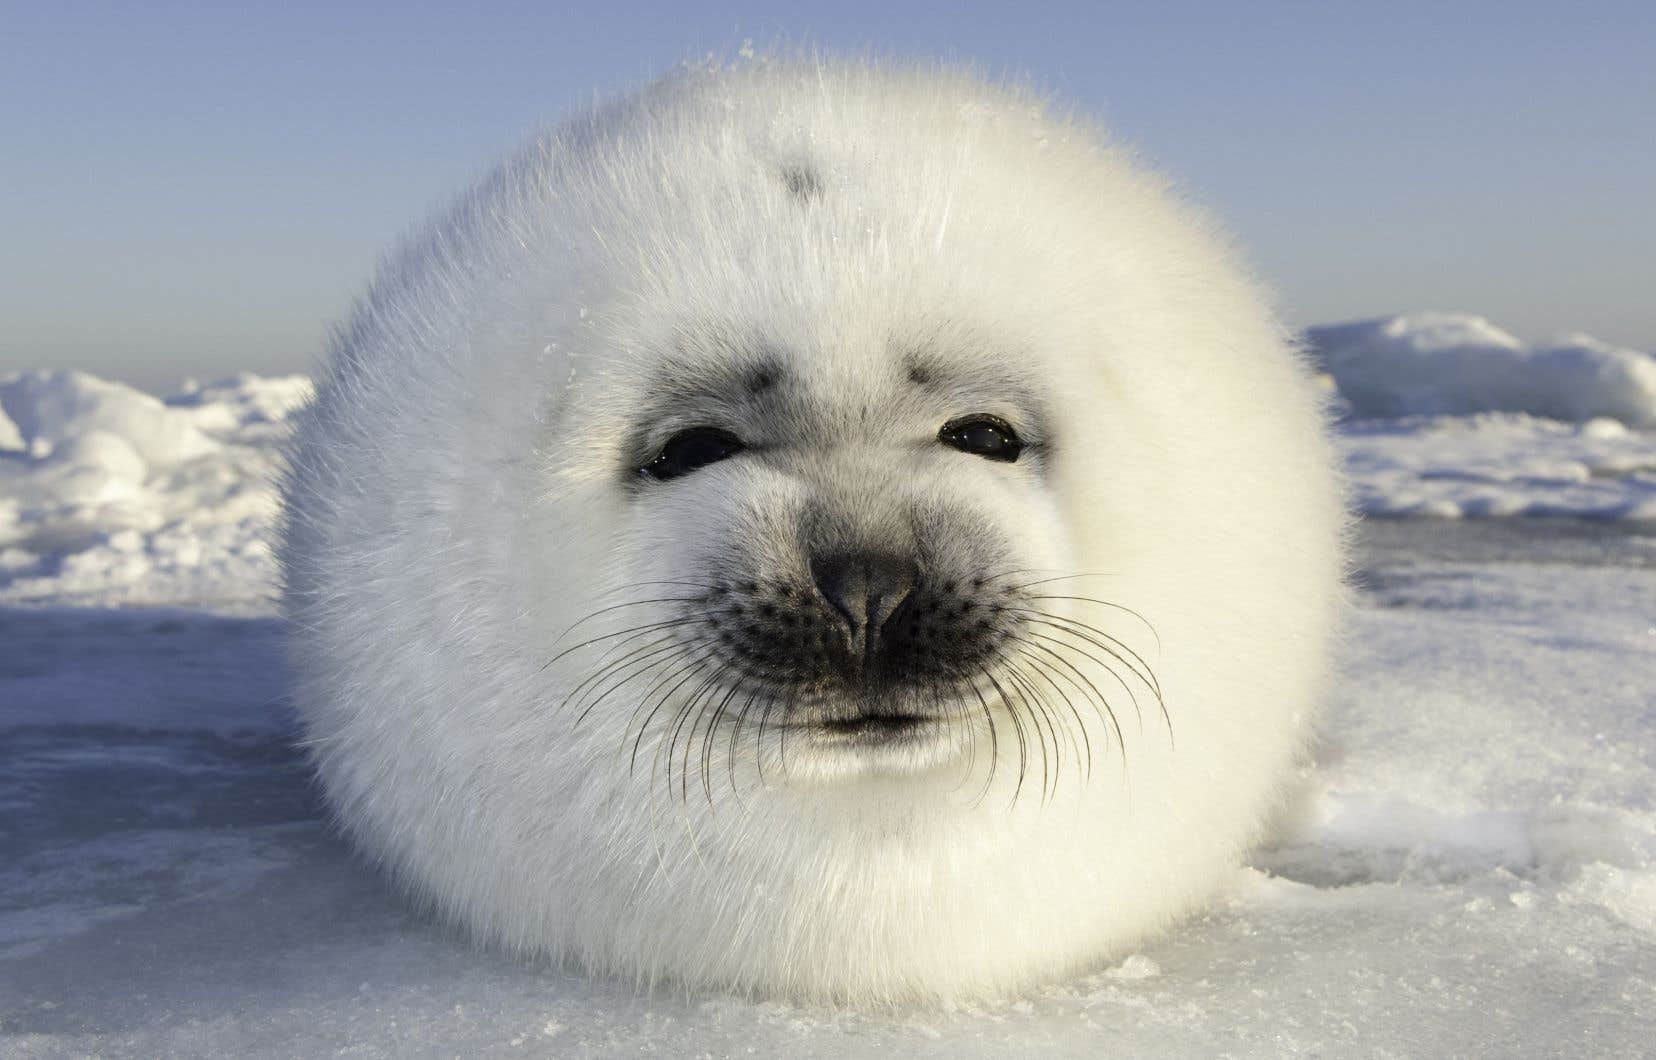 L'exposition immersive est une occasion unique d'observer l'ours polaire ou d'entendre la plainte aquatique des phoques annelés et des phoques barbus.